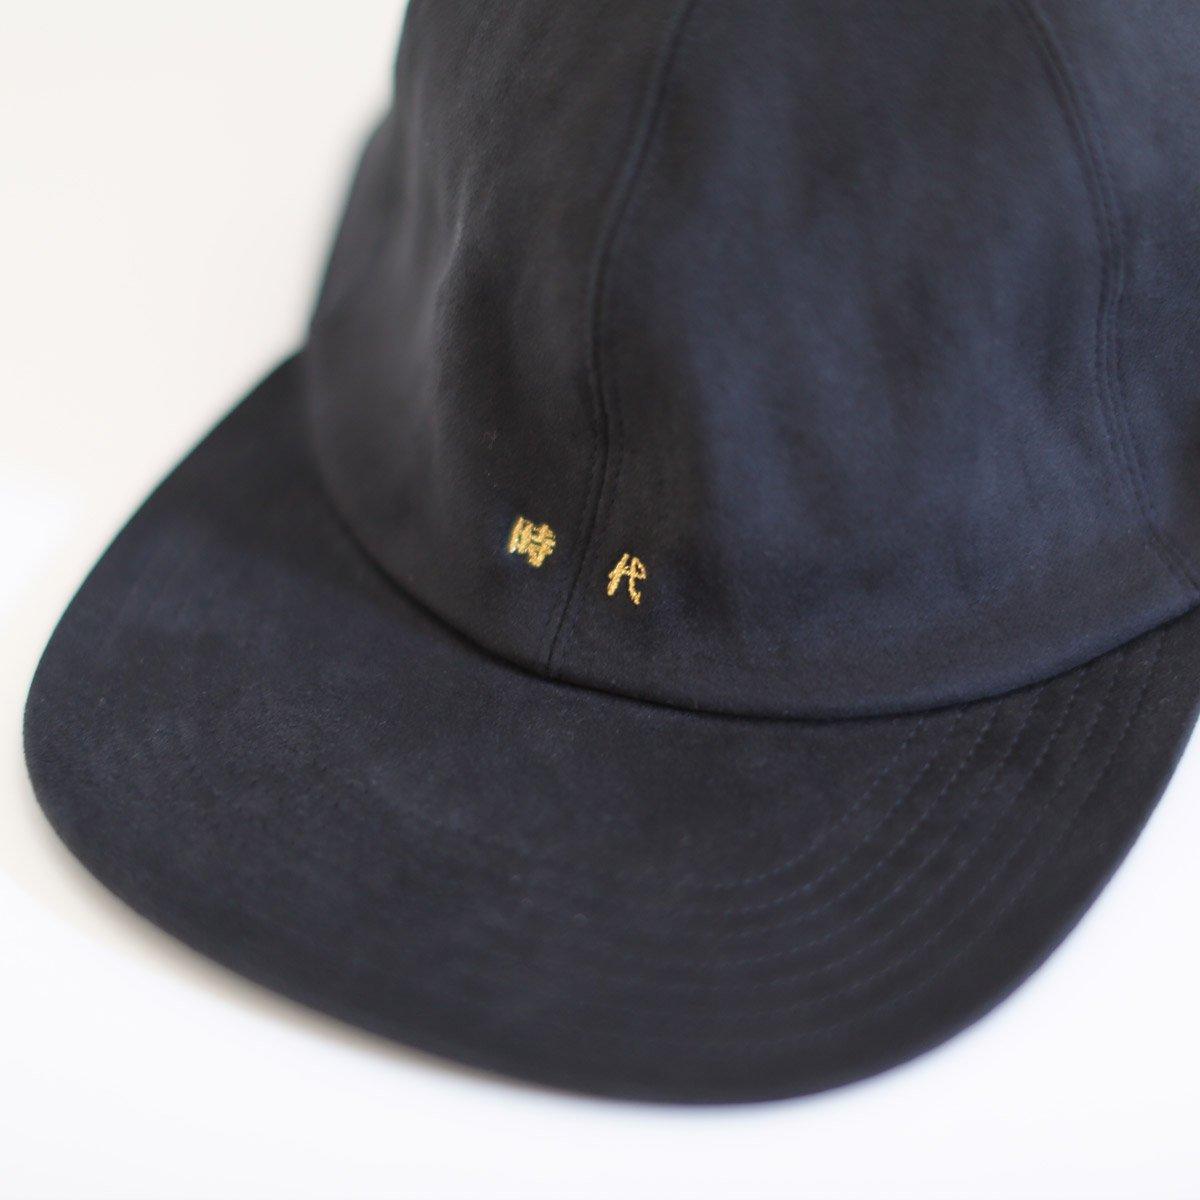 JOBA CAP 刺繍入り 詳細画像4